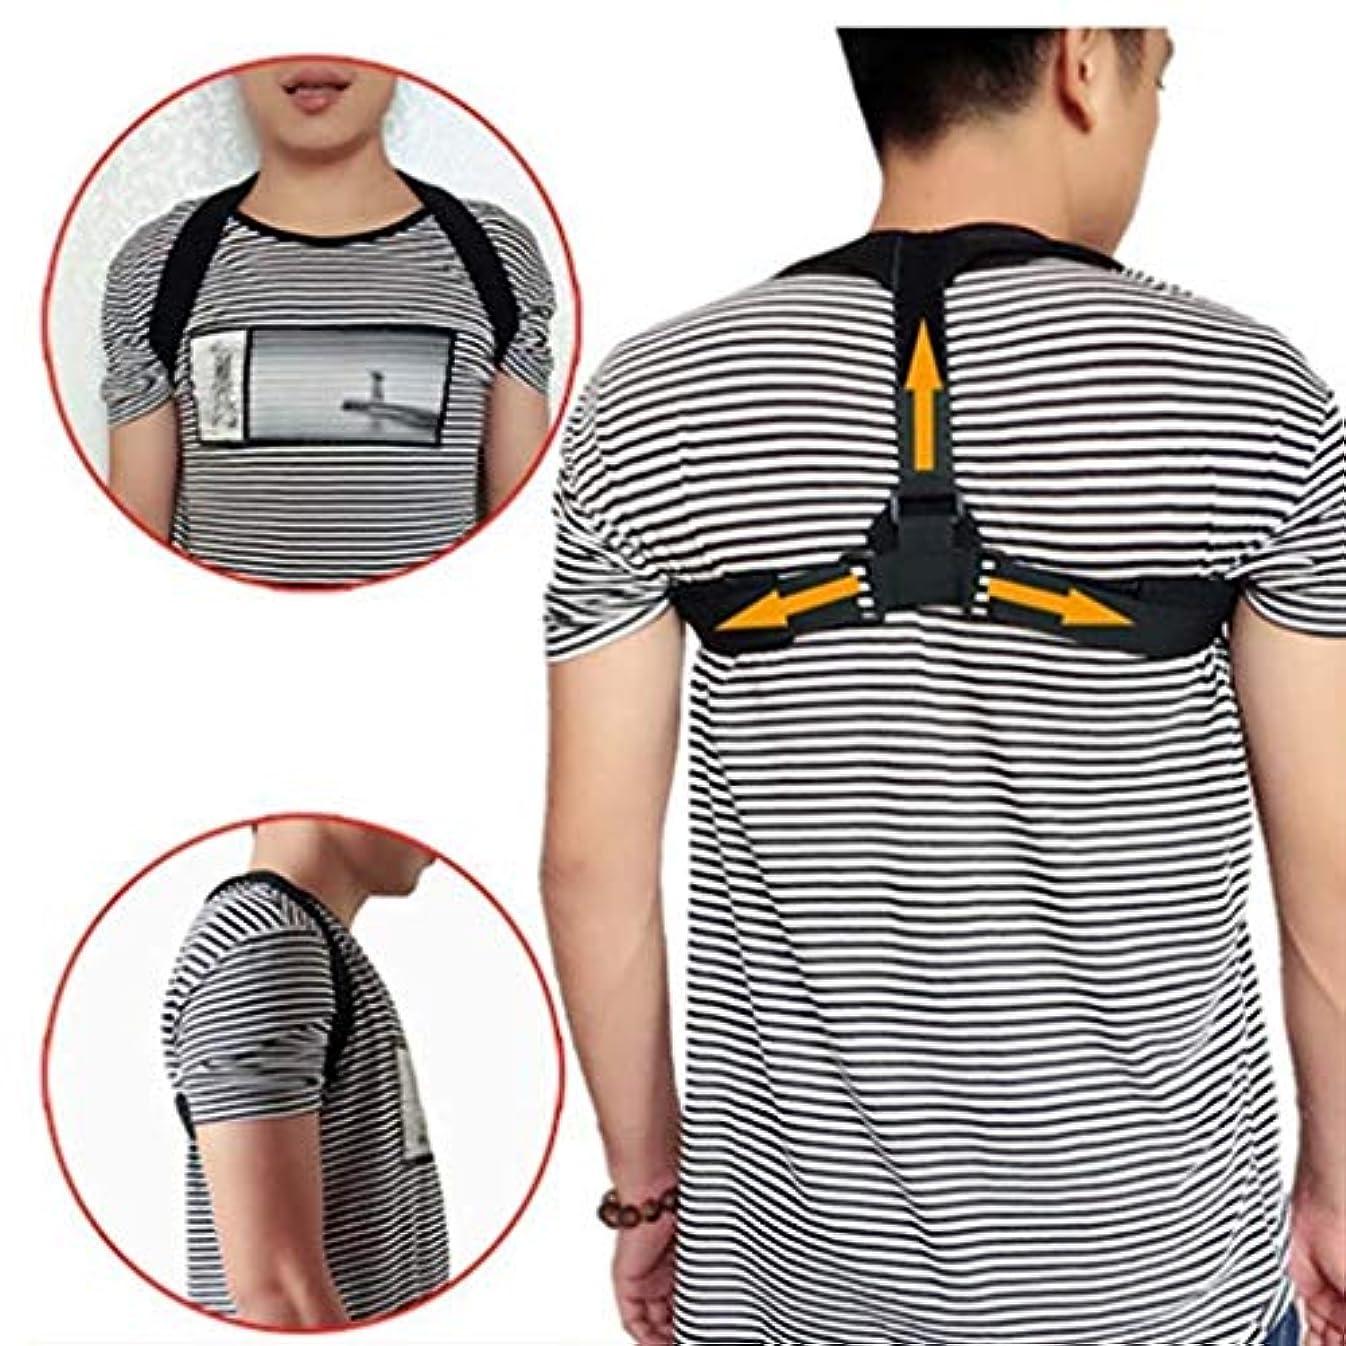 トチの実の木流す投げる背中矯正ベルト、背中の姿勢ブレース、背中の曲がりの防止、筋肉の弛緩、姿勢の改善、ユニセックス